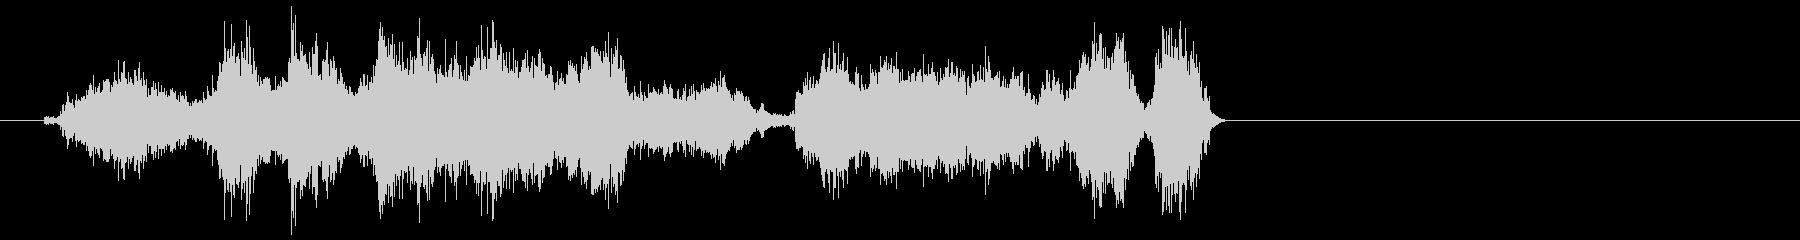 メタルスクレープ;残響のある金属の...の未再生の波形